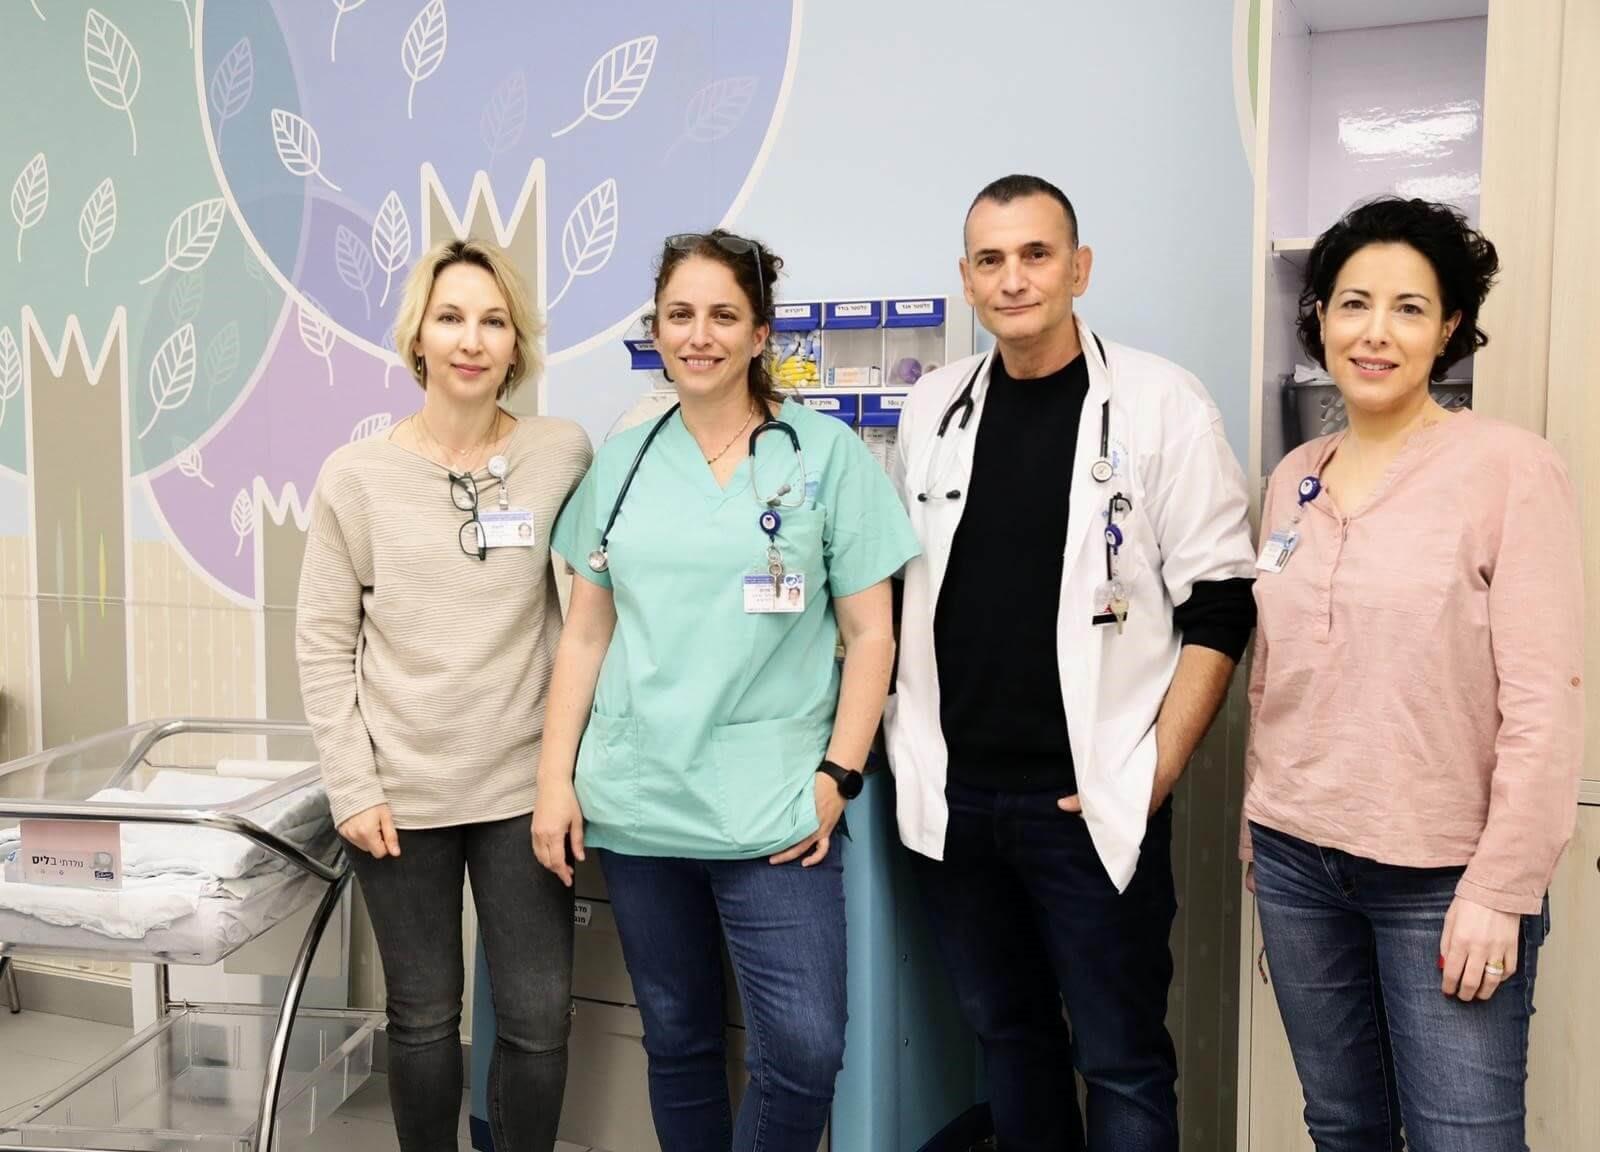 ד״ר לורנס מנגל (מימין), פרופ׳ דרור מנדל, ד״ר רונלה מרום ופרופ׳ רונית לובצקי. צילום: מירי גטניו